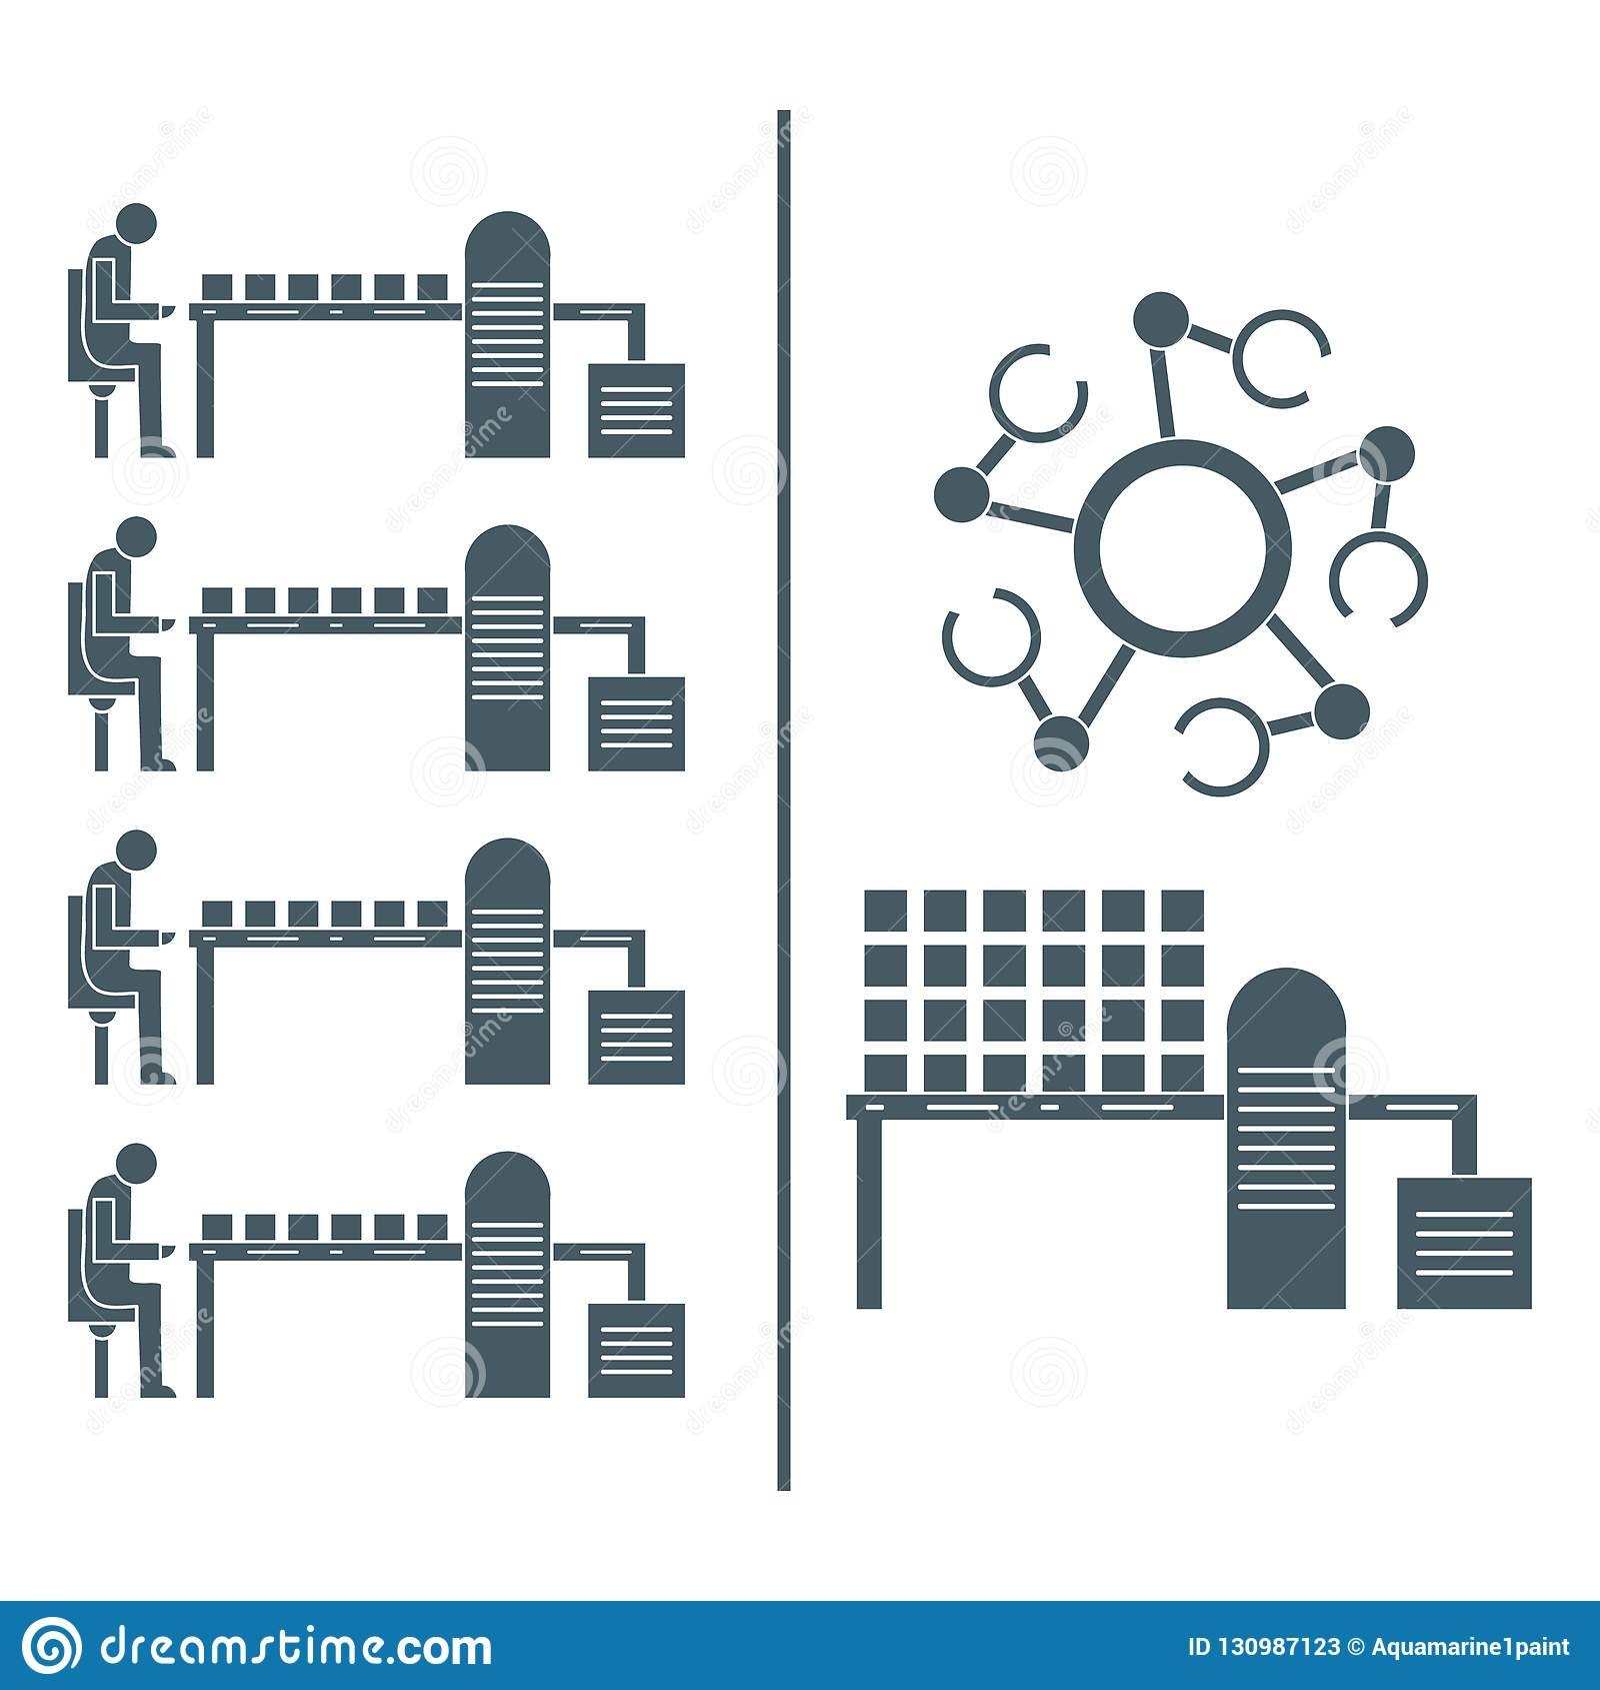 Slimme automatische robotachtige productielijn